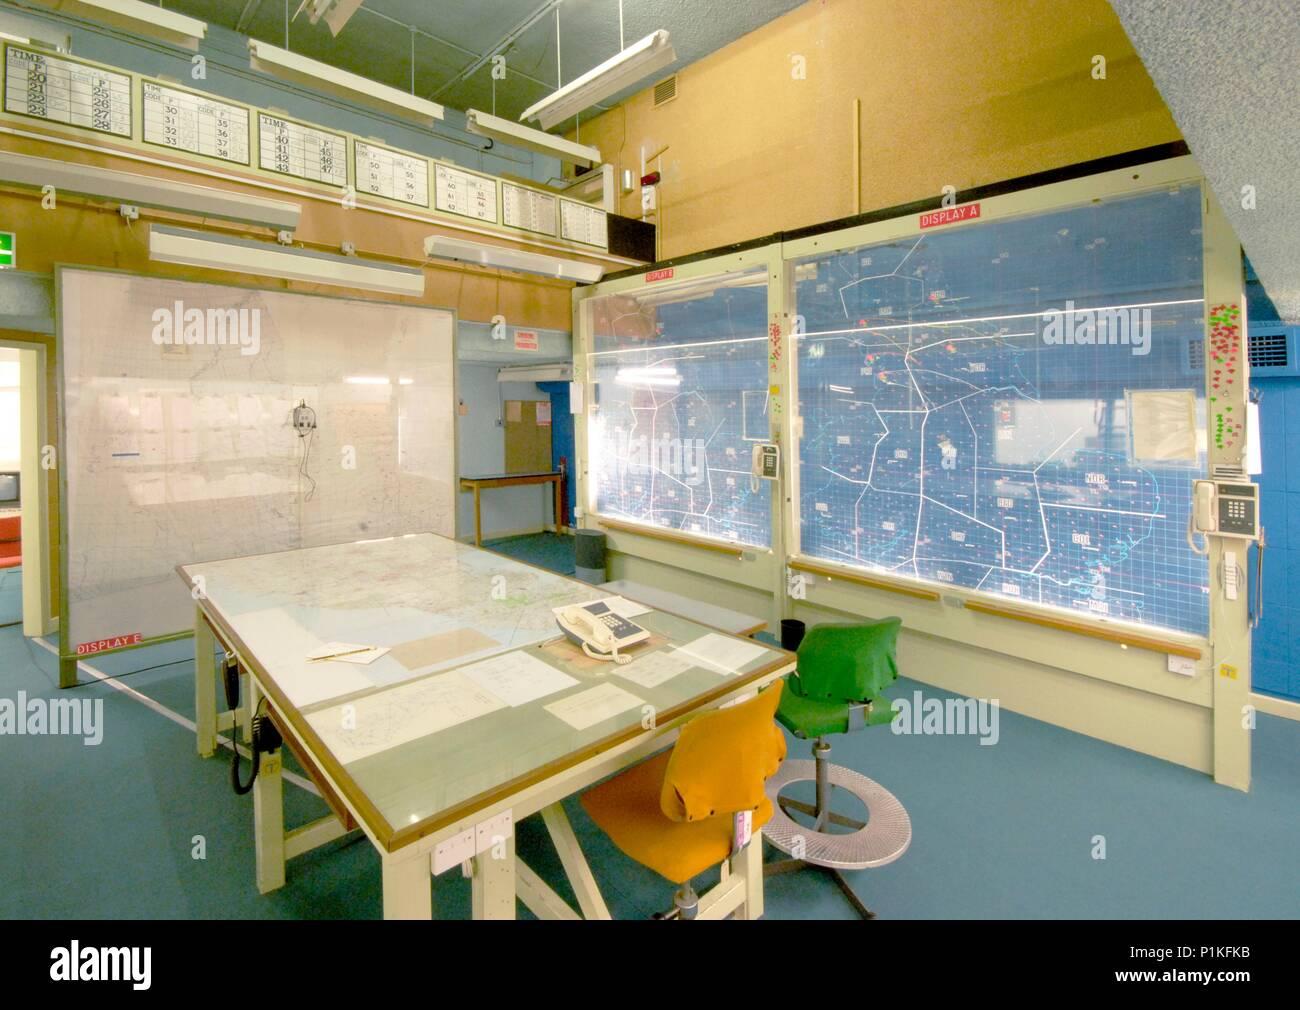 Salle des opérations de la guerre froide, Bunker York North Yorkshire, c2006-c2017. Vue de l'intérieur de la salle des opérations avec cartes et graphiques prêts à l'emploi. Le b Photo Stock